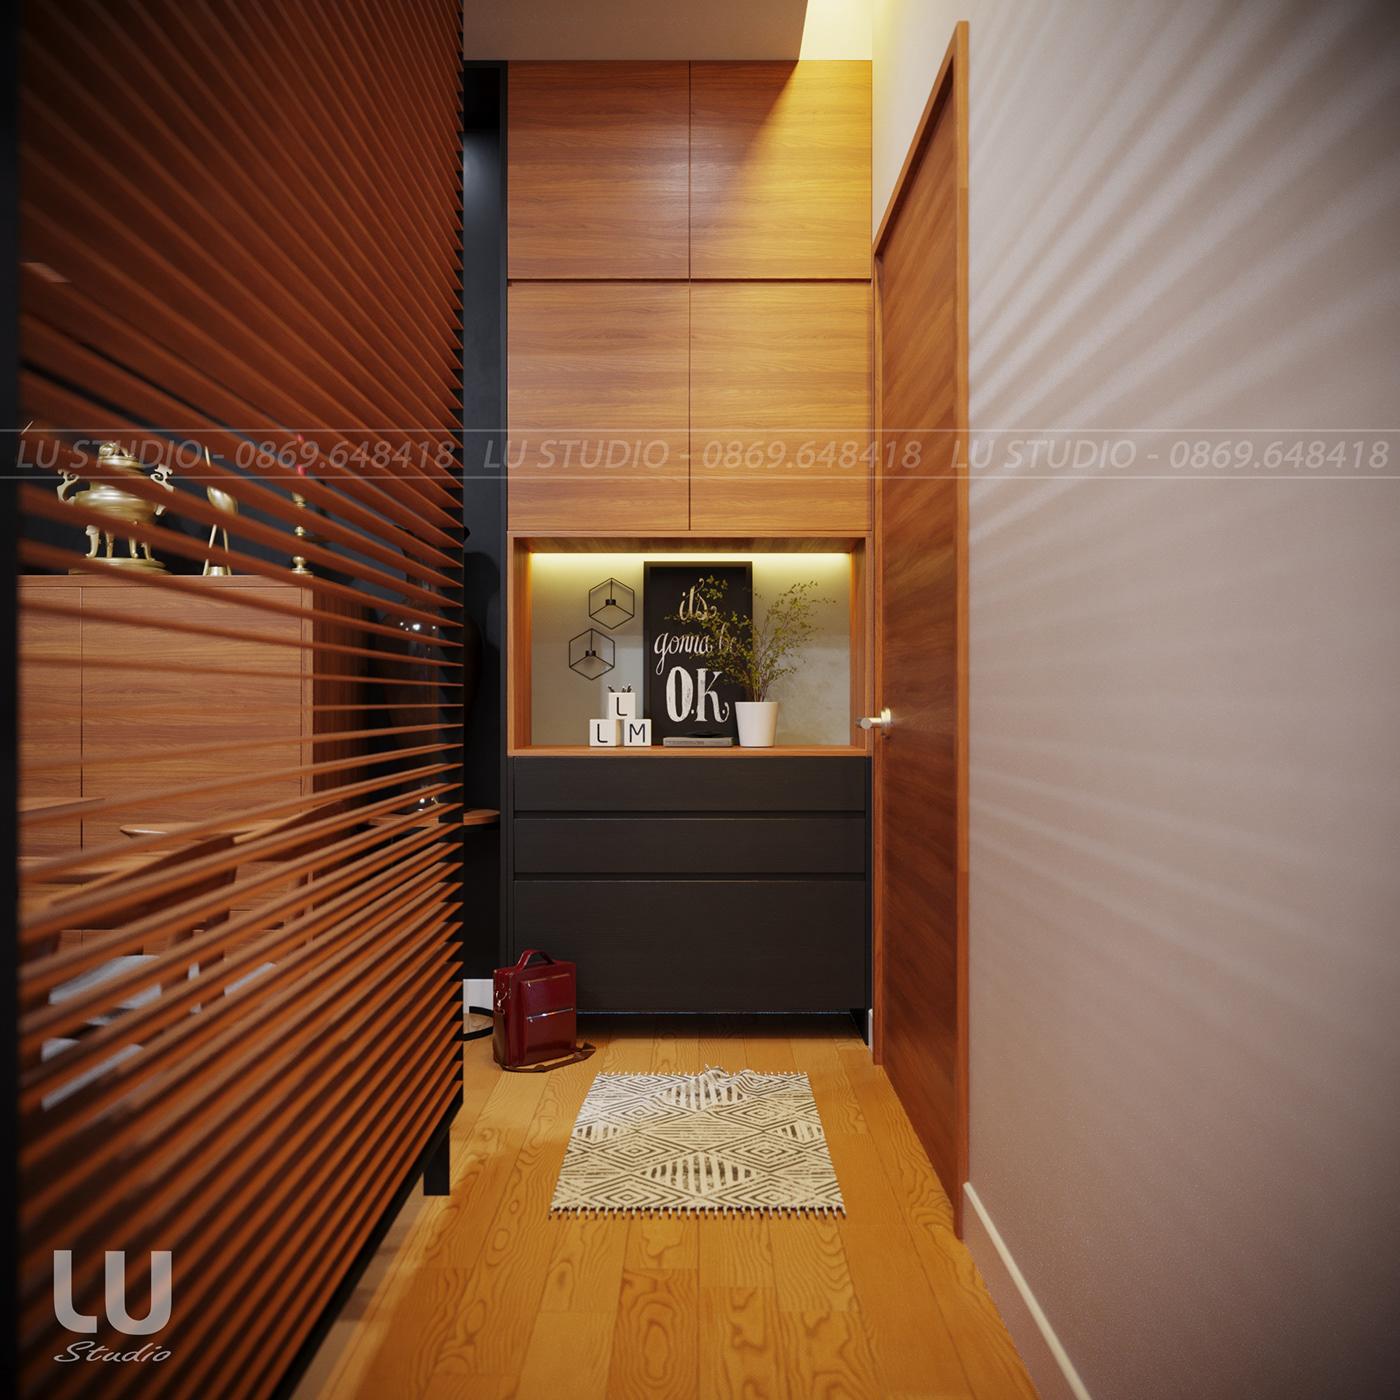 thiết kế nội thất chung cư tại Hà Nội Căn Hộ Season Avennue Phong Cách Hiện Đại - HN 5 1533263015